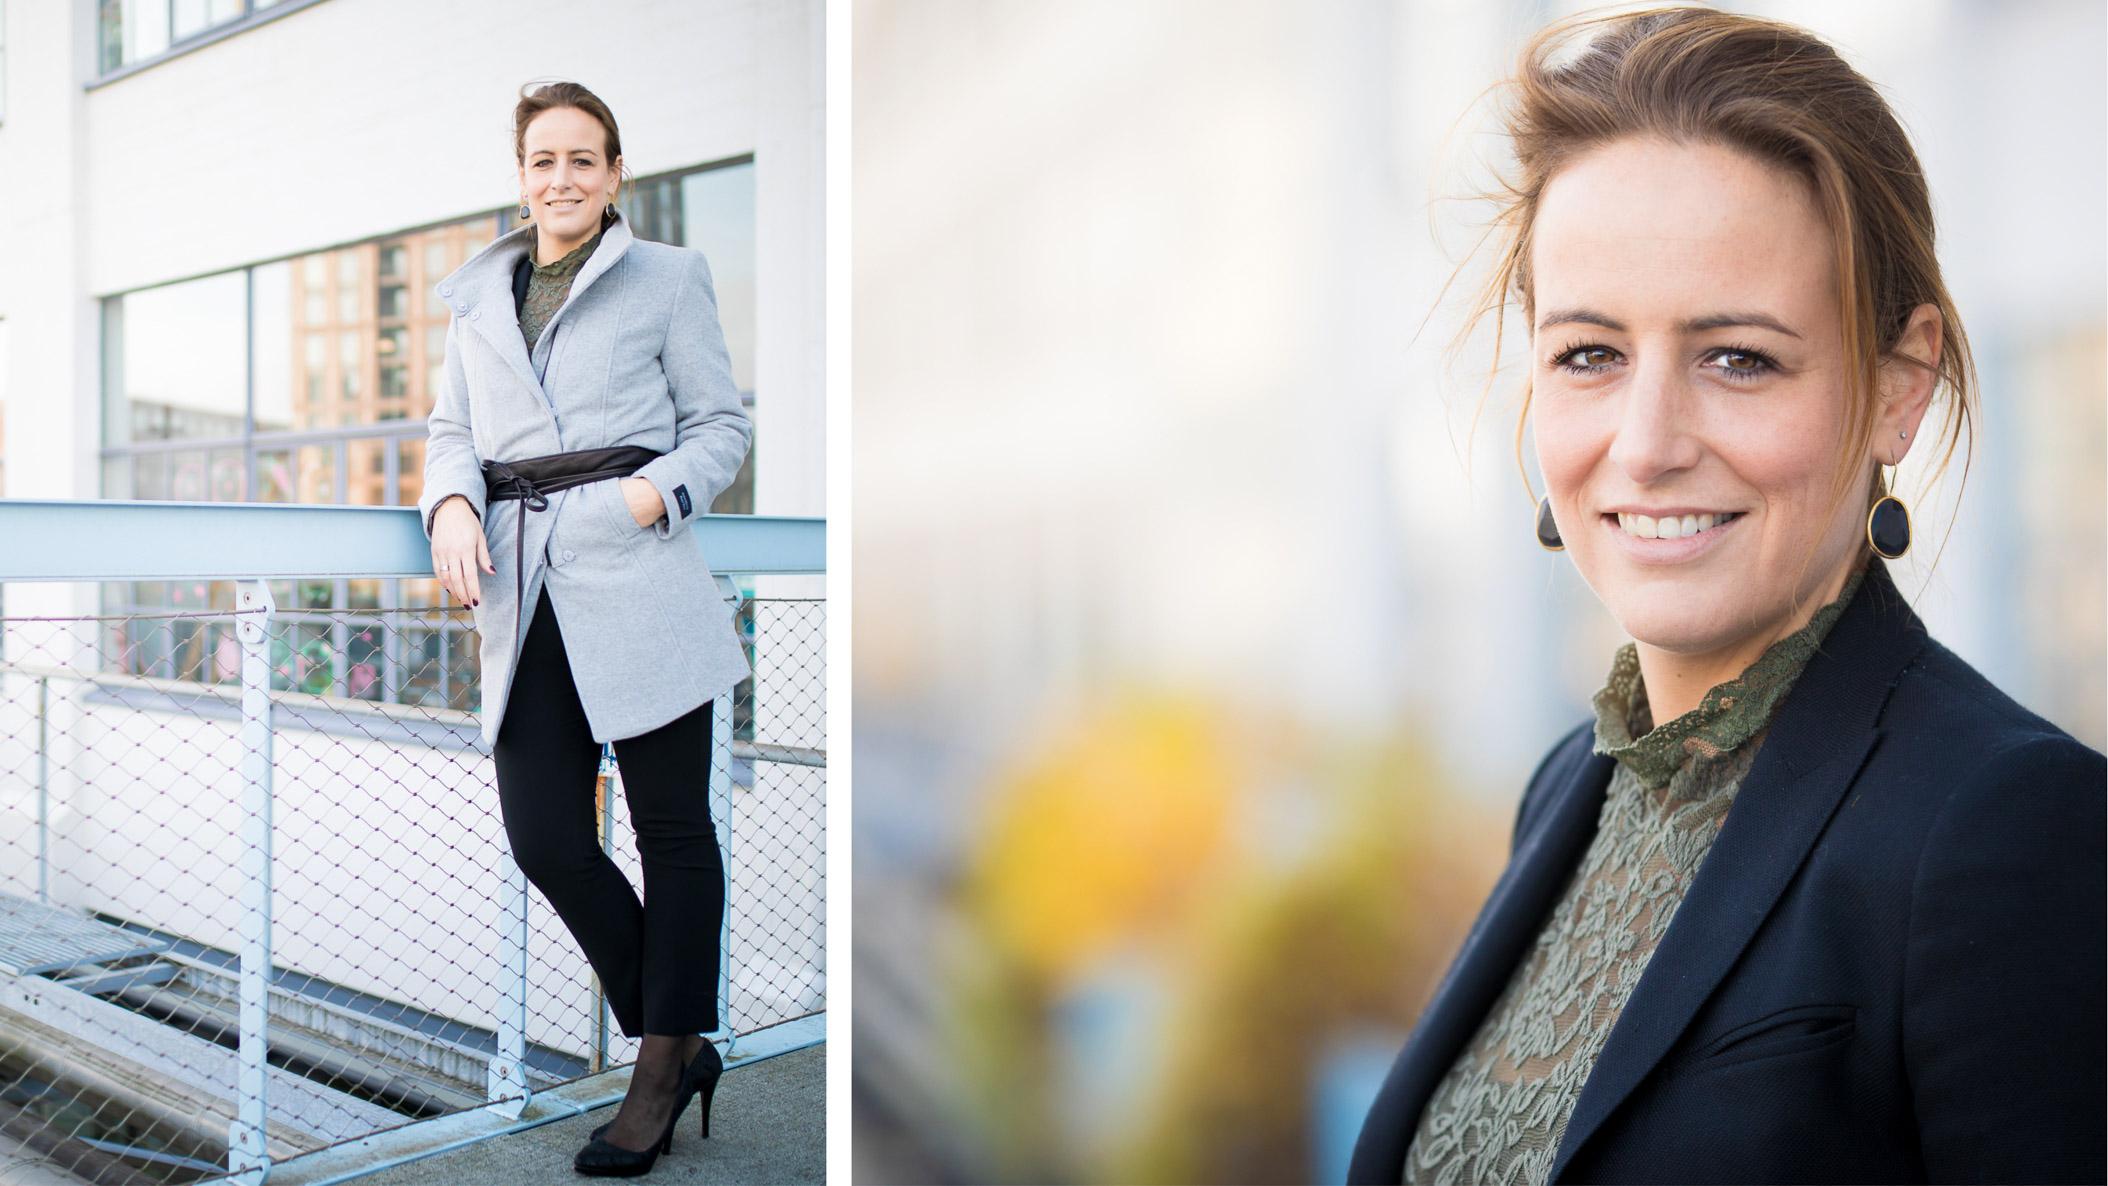 Marketing-Lynx-Portretfotografie-Eindhoven-Ektor-Tsolodimos-20